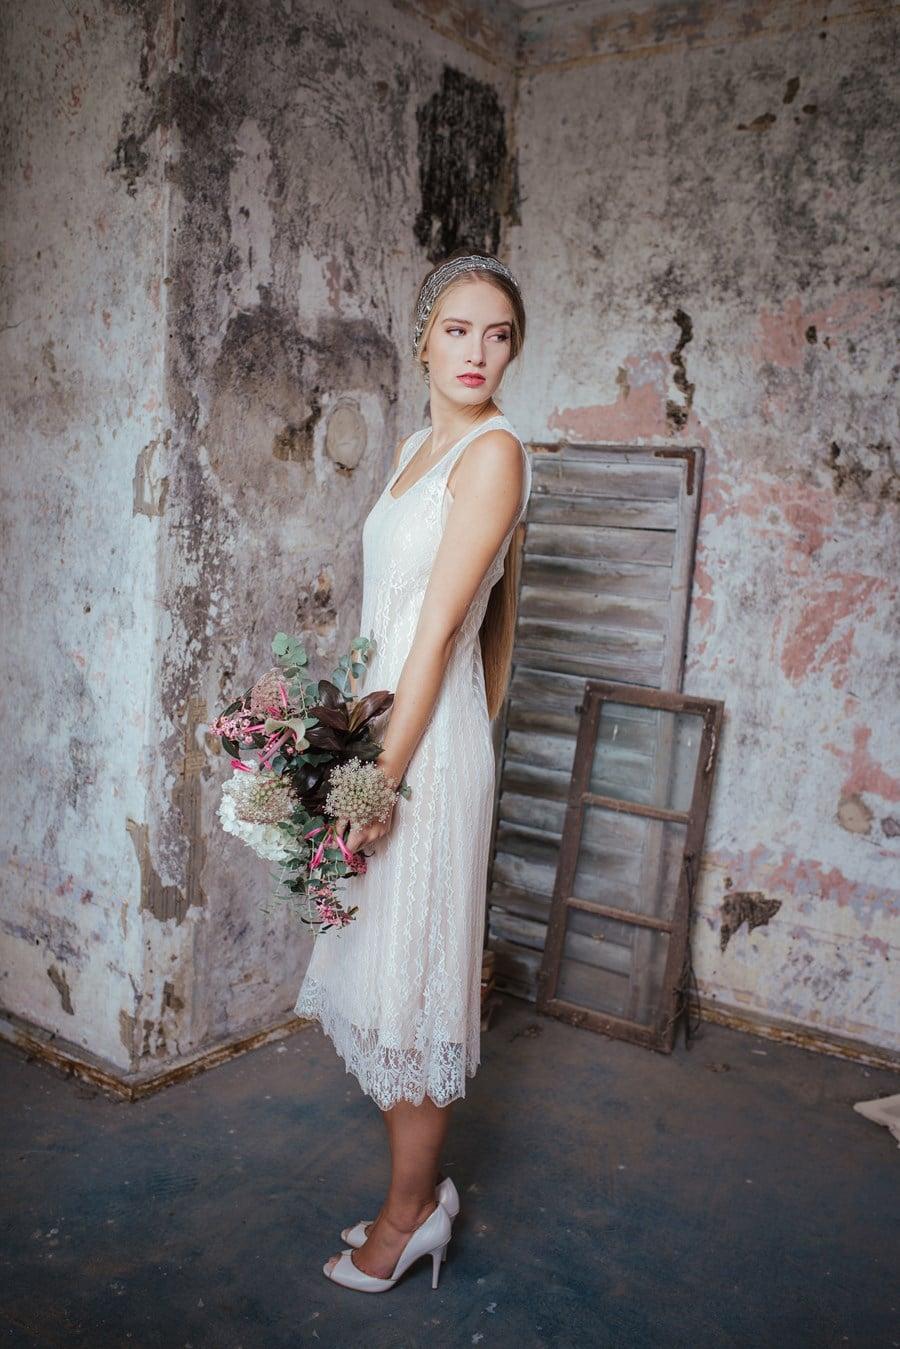 Tipps für die Suche nach deinem Brautkleid: Budget, Stil und Brautladen